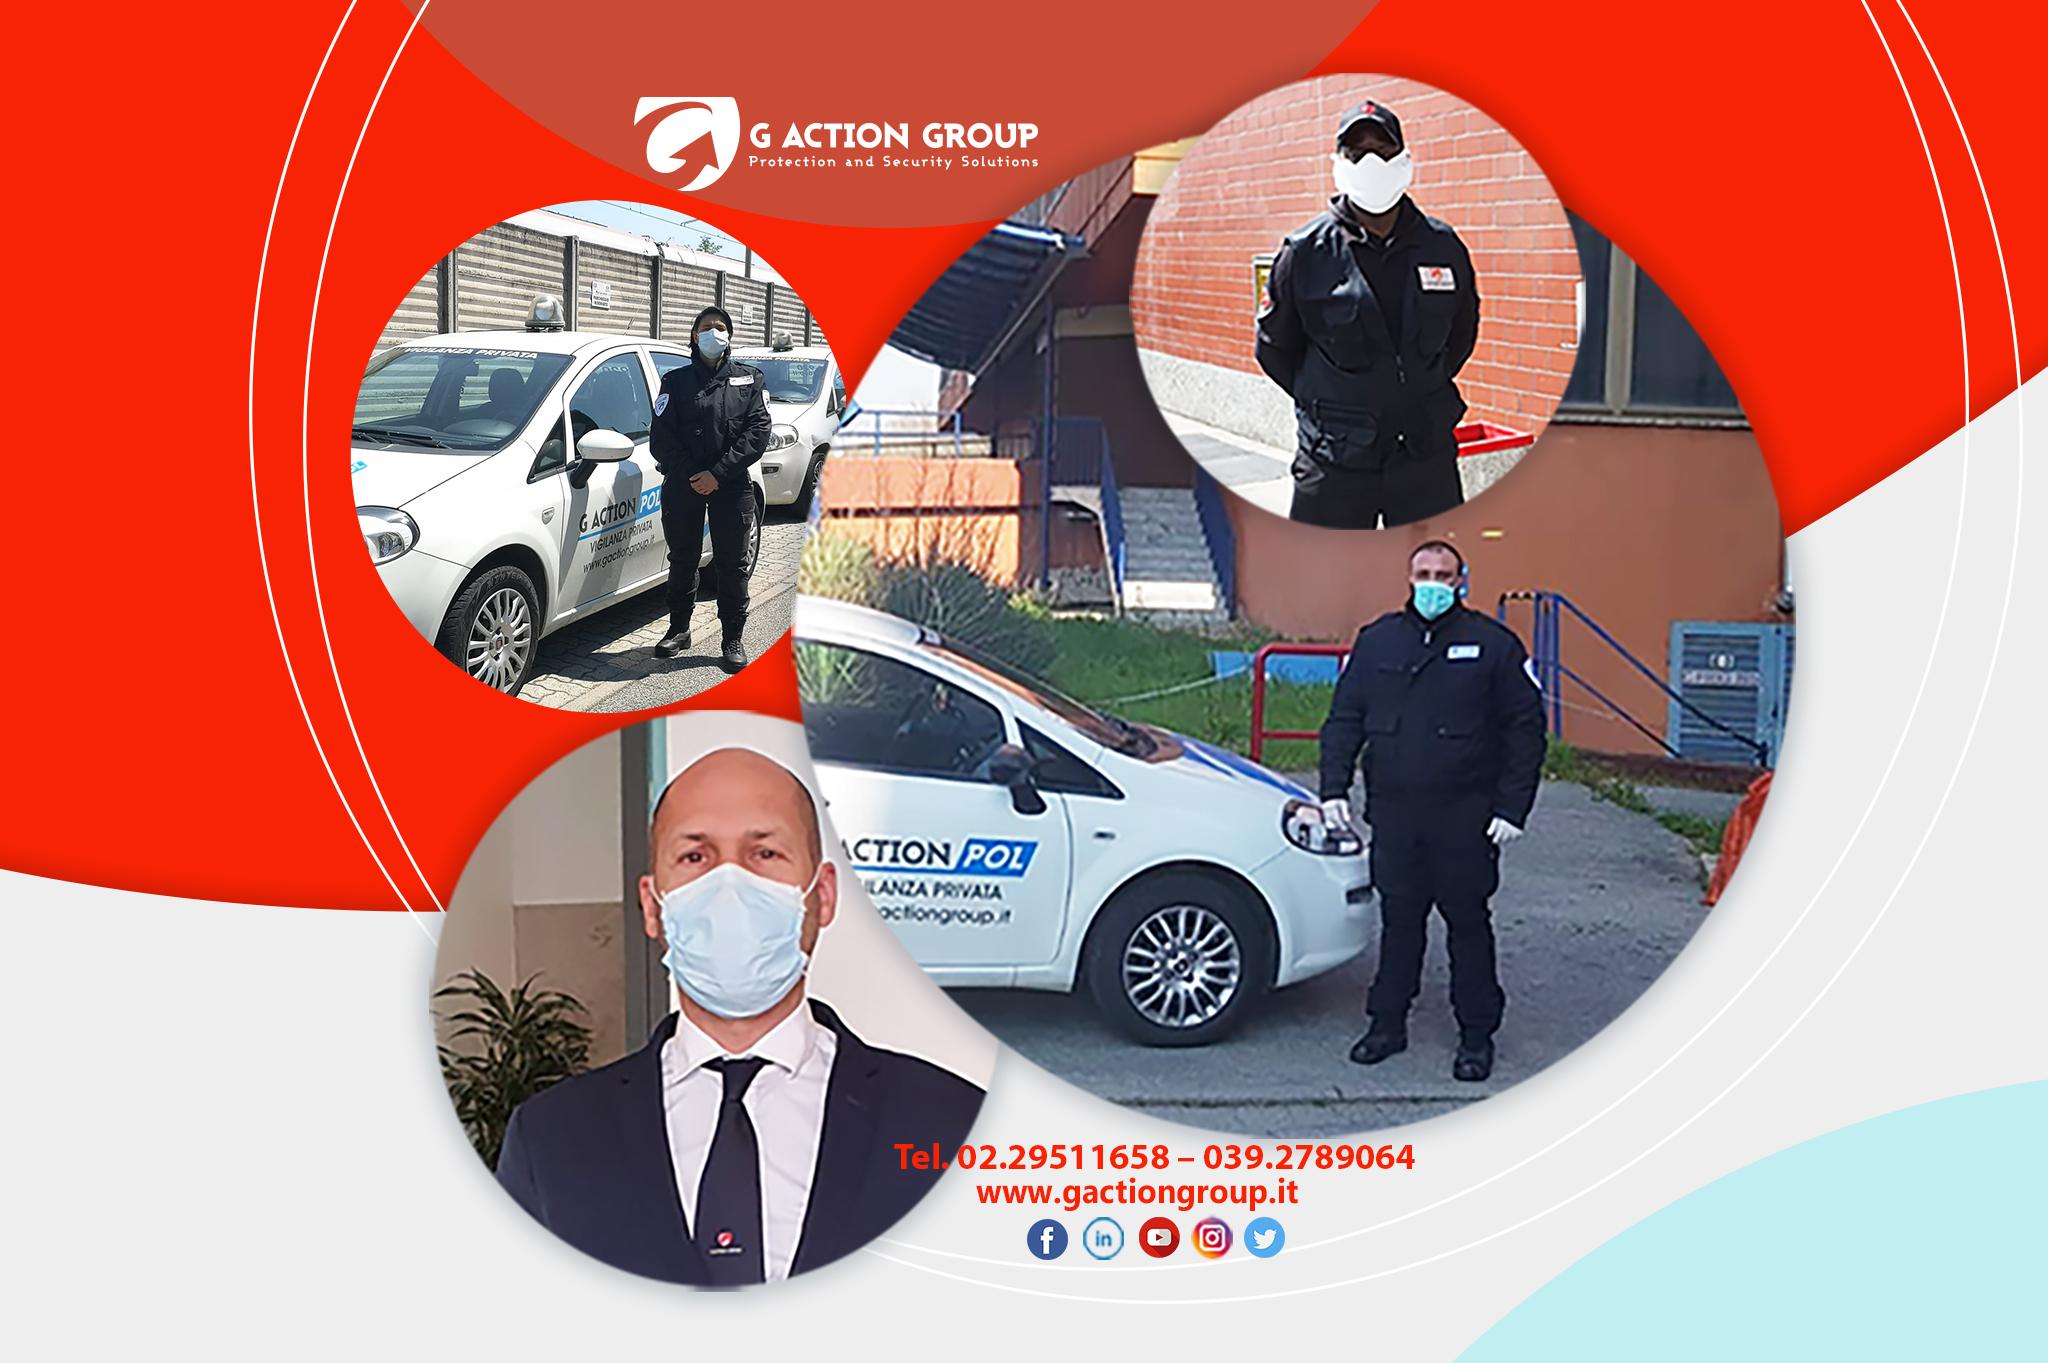 Emergenza Covid - G Action in prima linea per garantire lavoro ai dipendenti e protezione e sicurezza